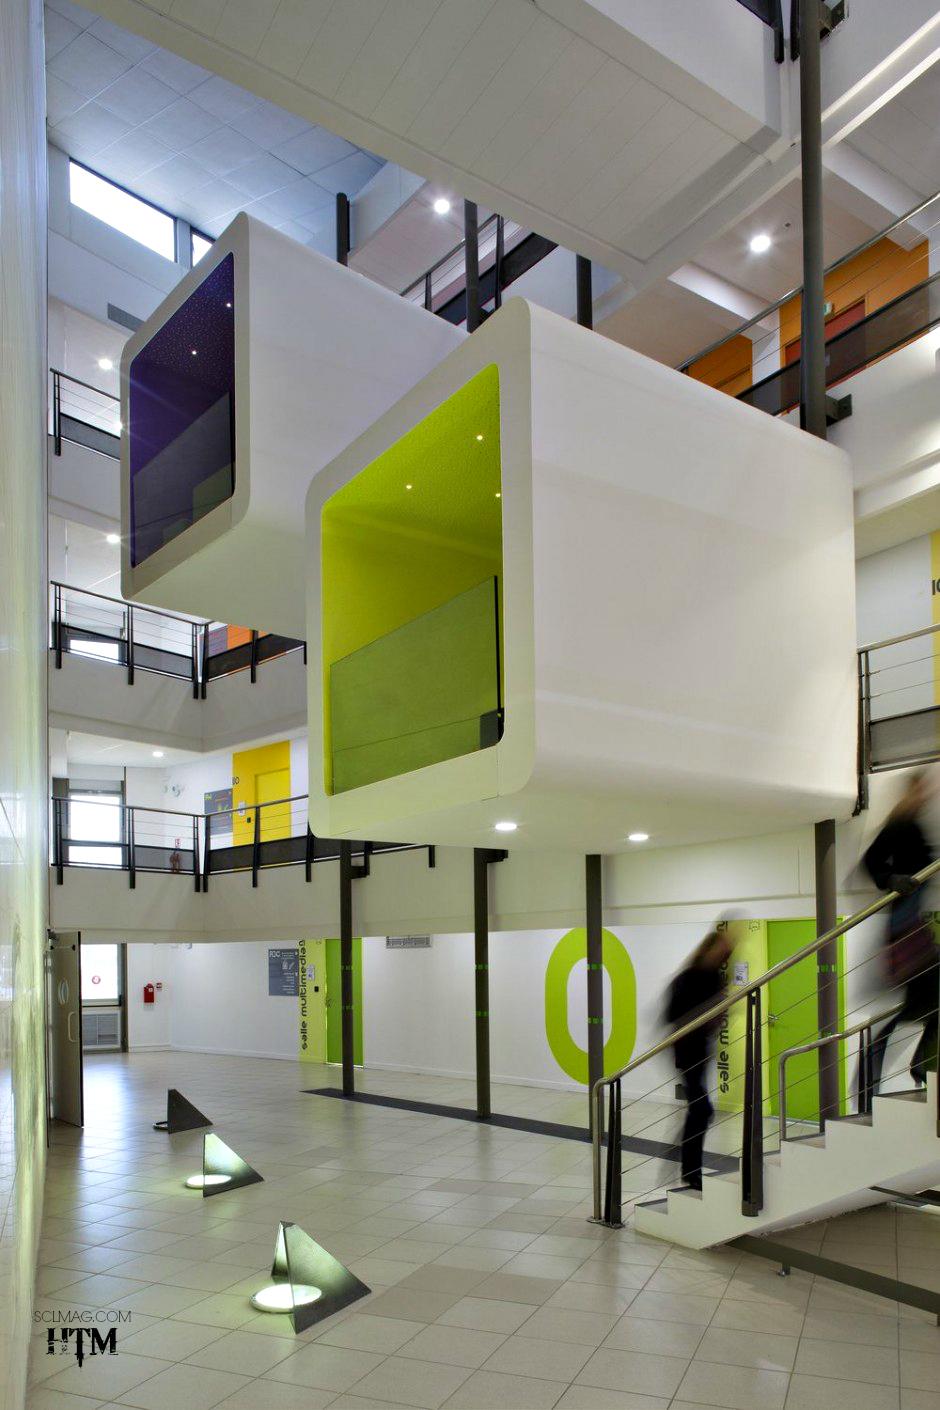 GIPES Institute 1